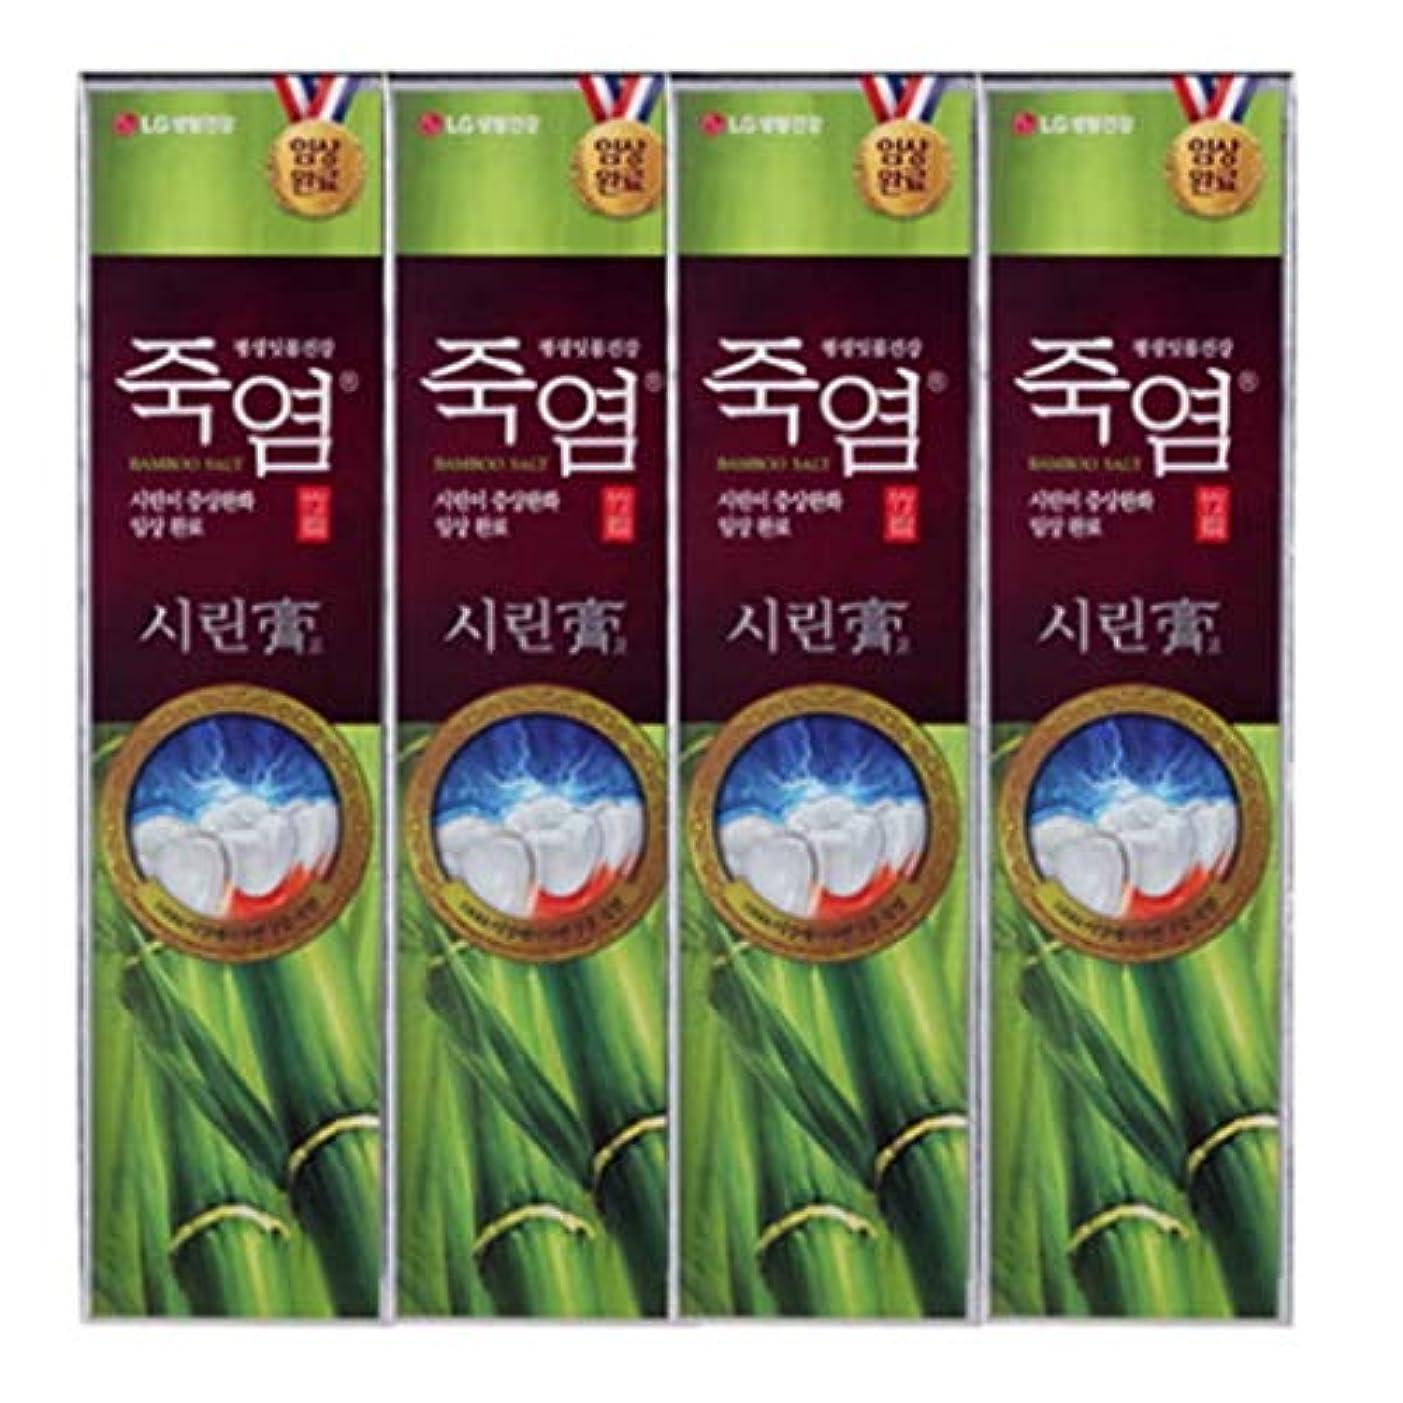 グリーンバック厄介なアドバンテージ[LG Care/LG生活健康]竹塩歯磨き粉つぶれて歯茎を健康に120g x4ea/歯磨きセットスペシャル?リミテッドToothpaste Set Special Limited Korea(海外直送品)